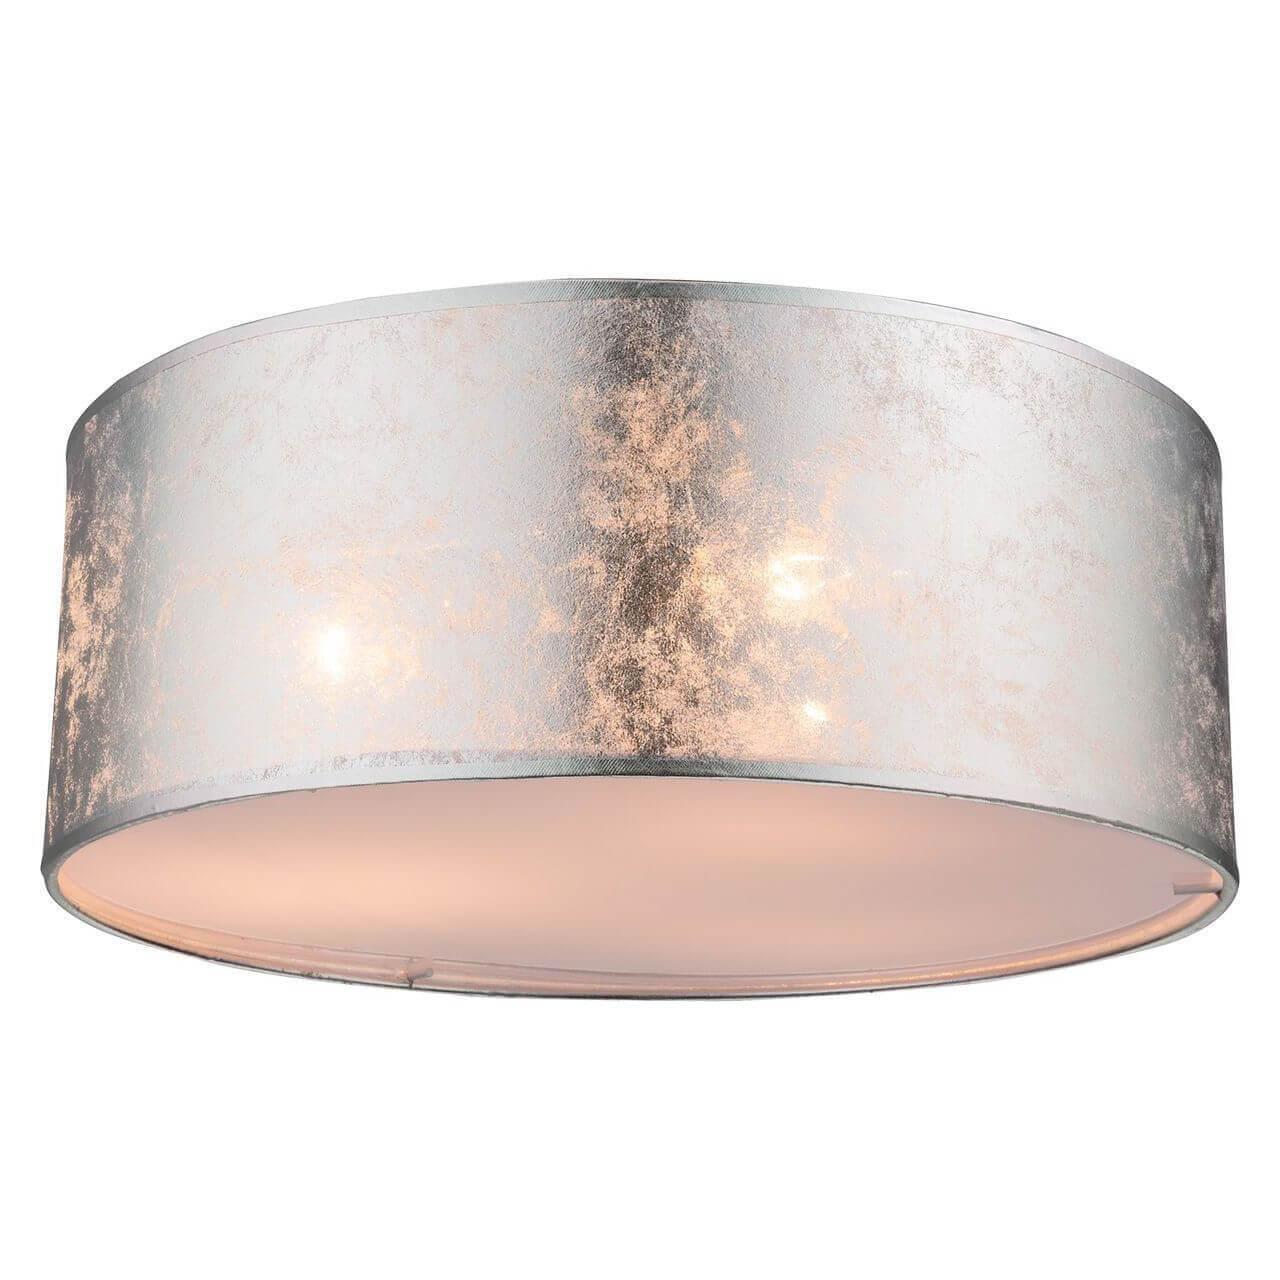 Потолочный светильник Globo Amy I 15188D цена